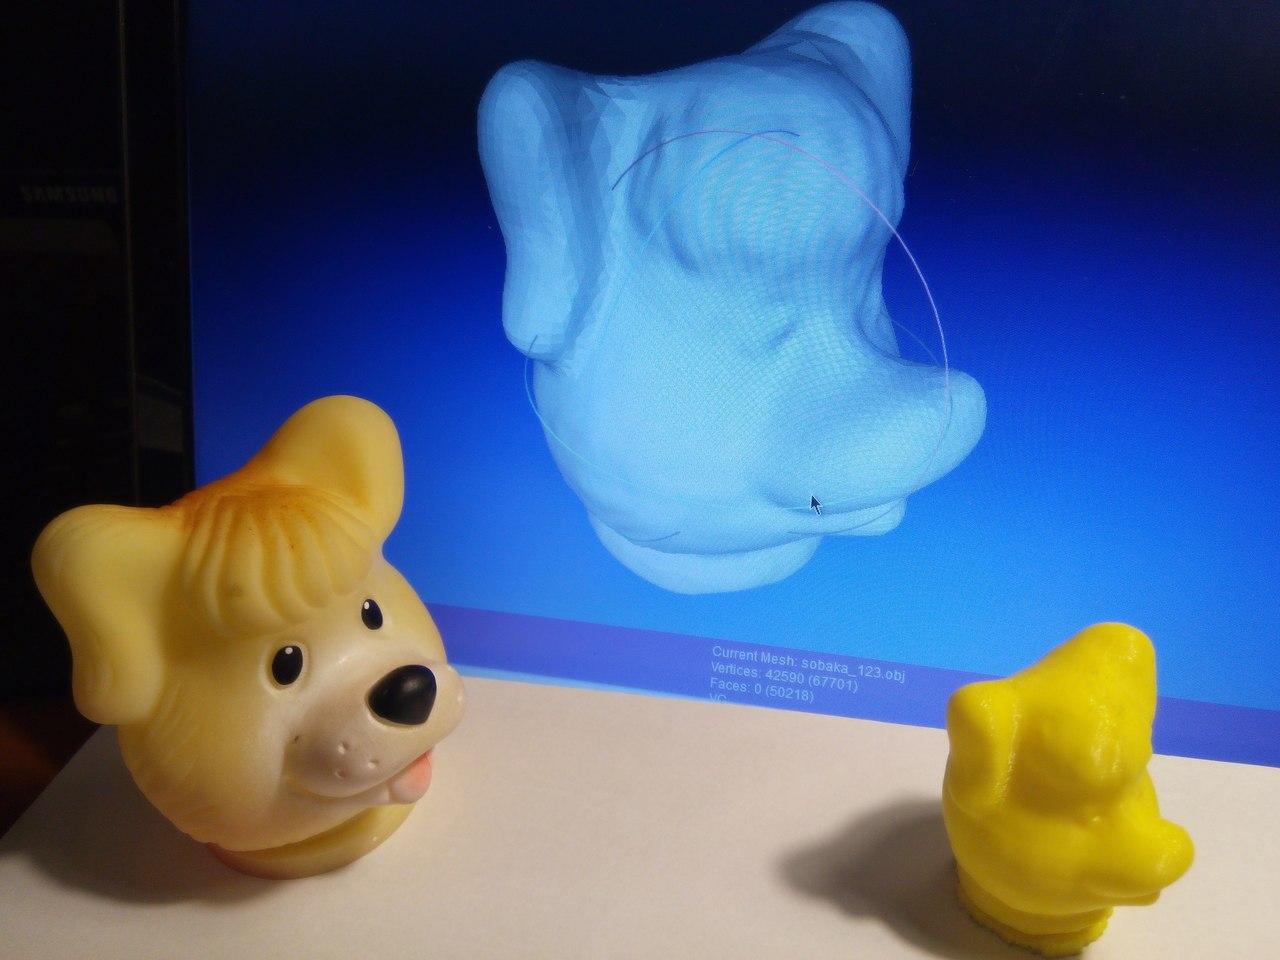 Создание 3D сканера из вебкамеры, лазера, и еще кучки радиодеталей